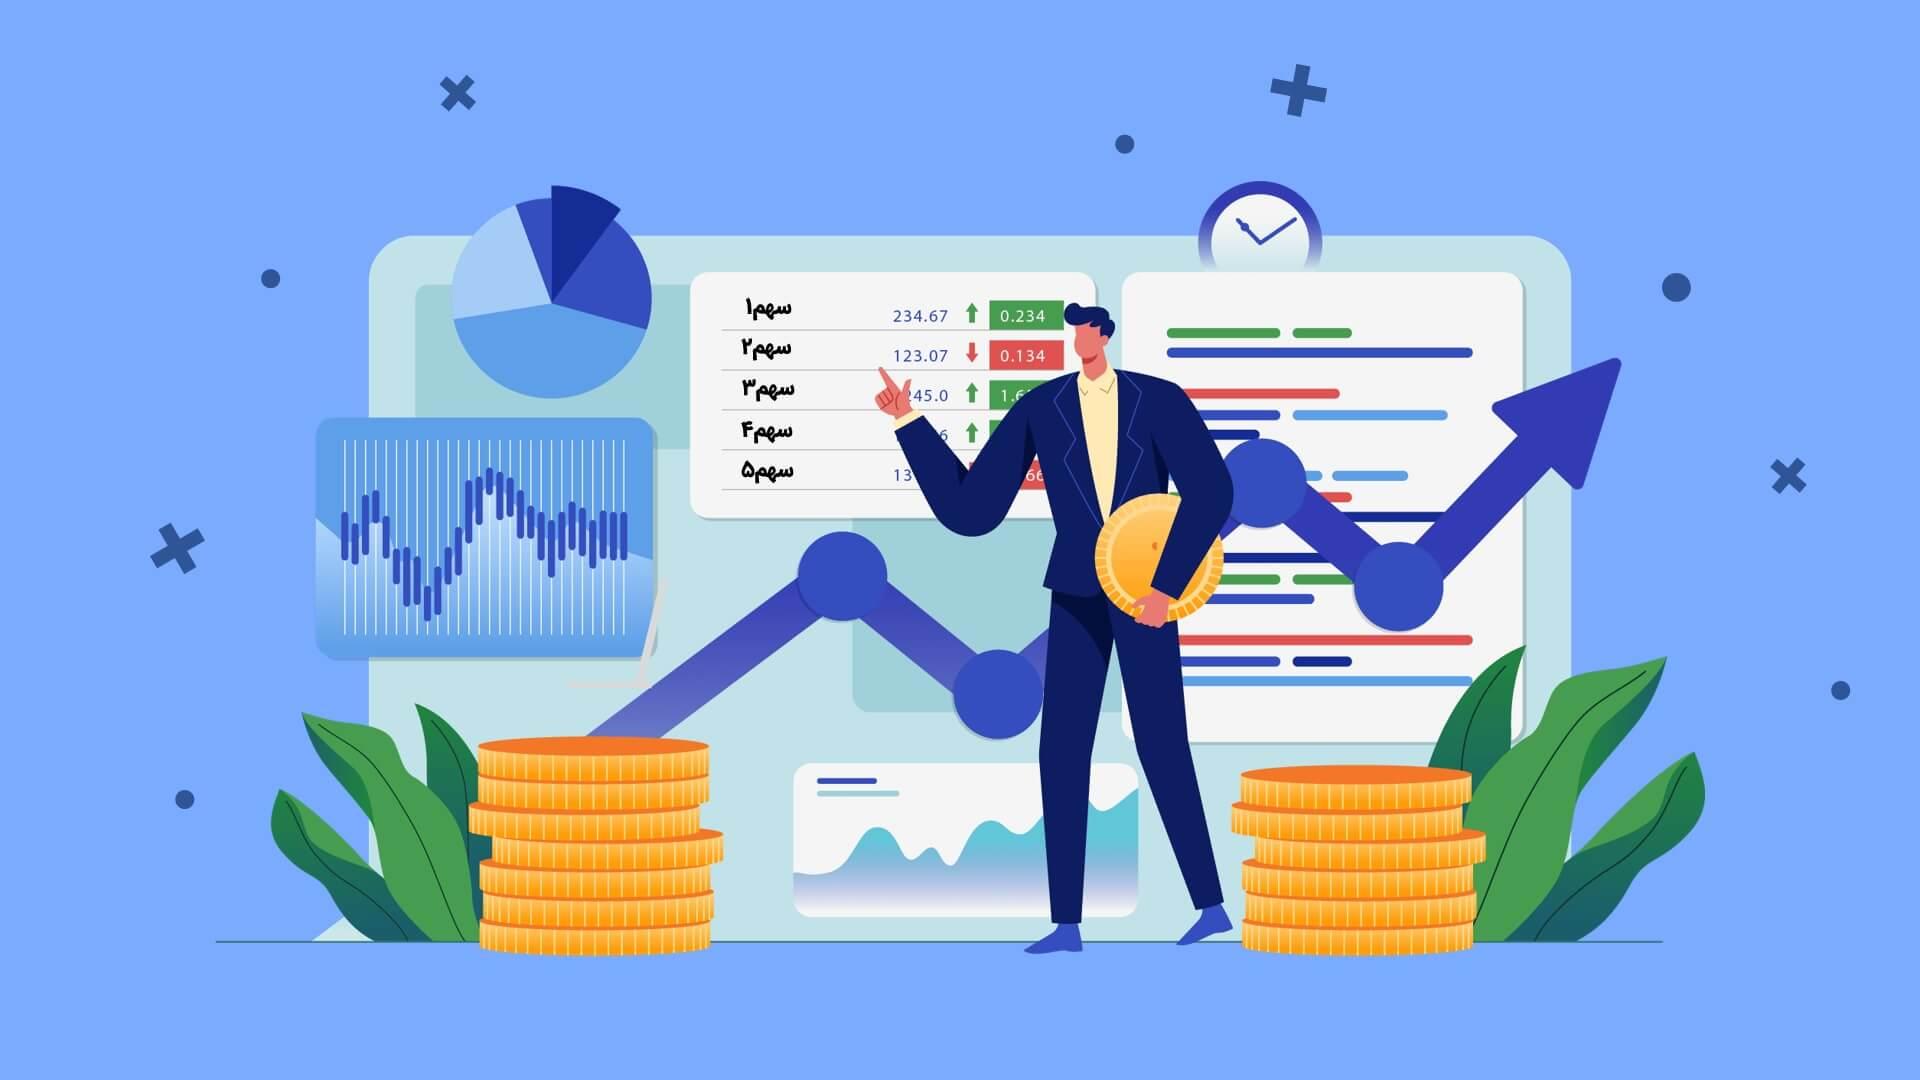 اصول عمومی انجام معامله در مفید تریدر